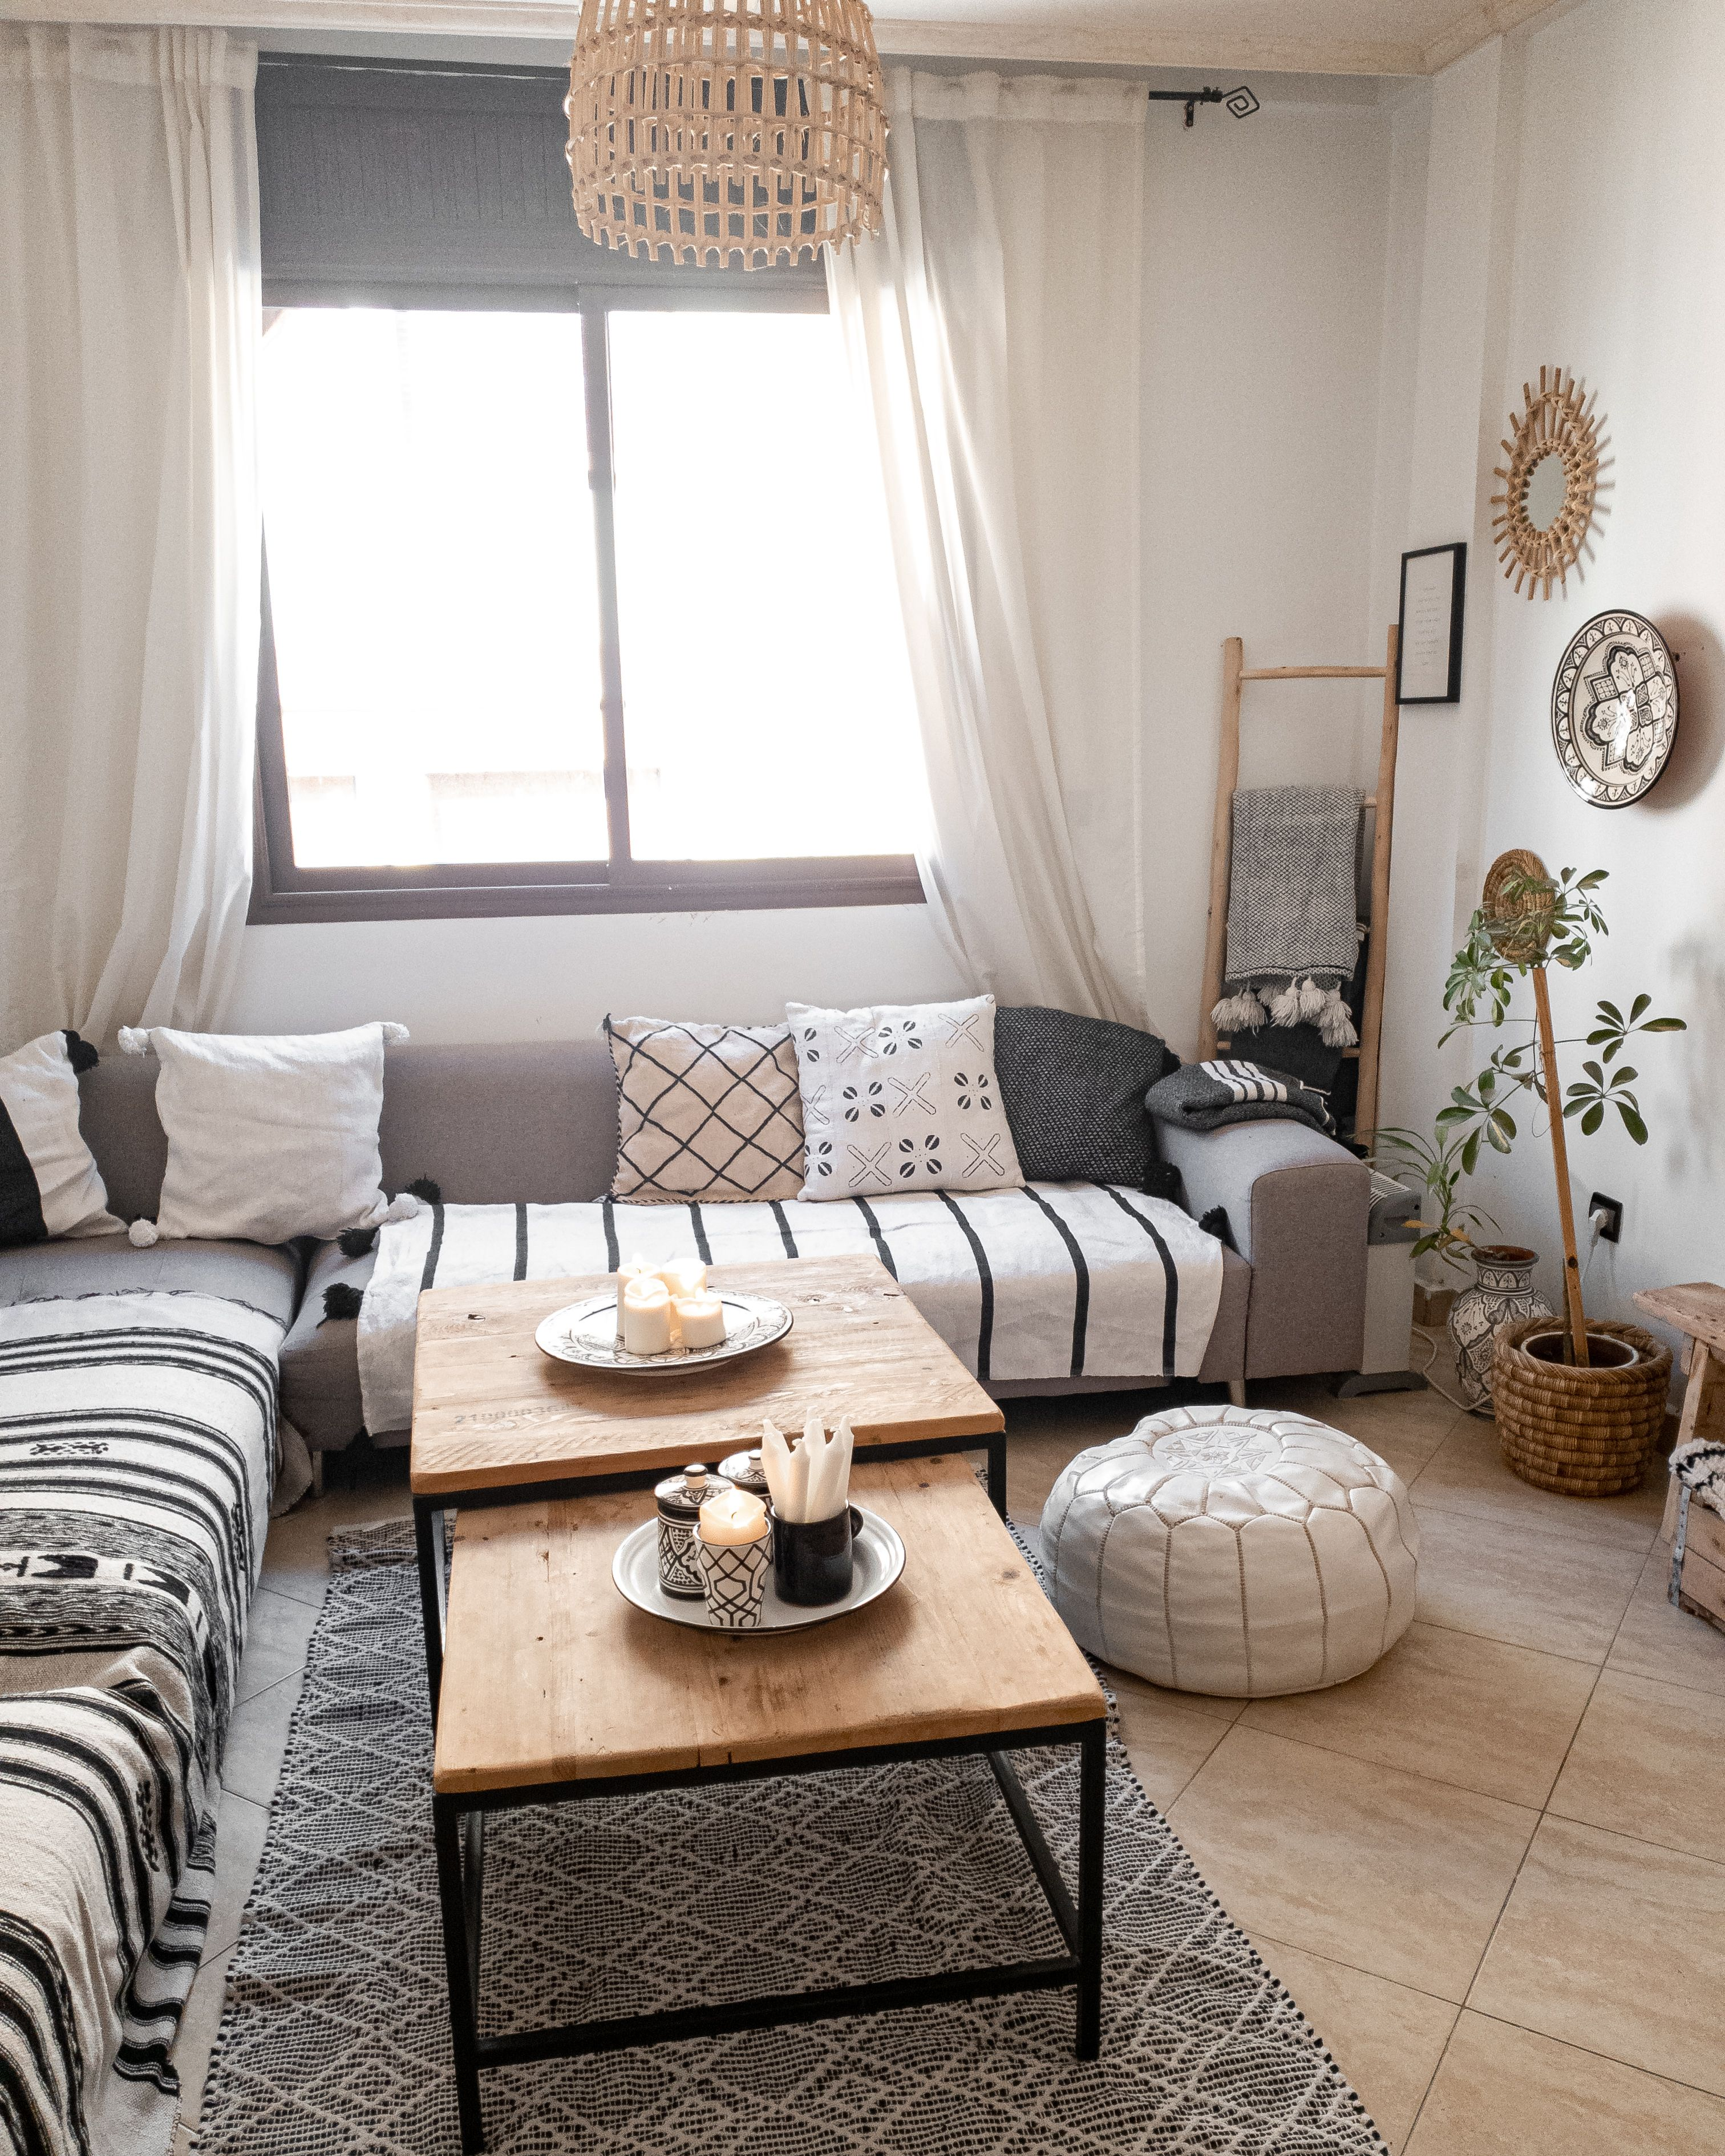 Wohnzimmer Inspo im Scandi Boho Stil   Wohnzimmer grau ...